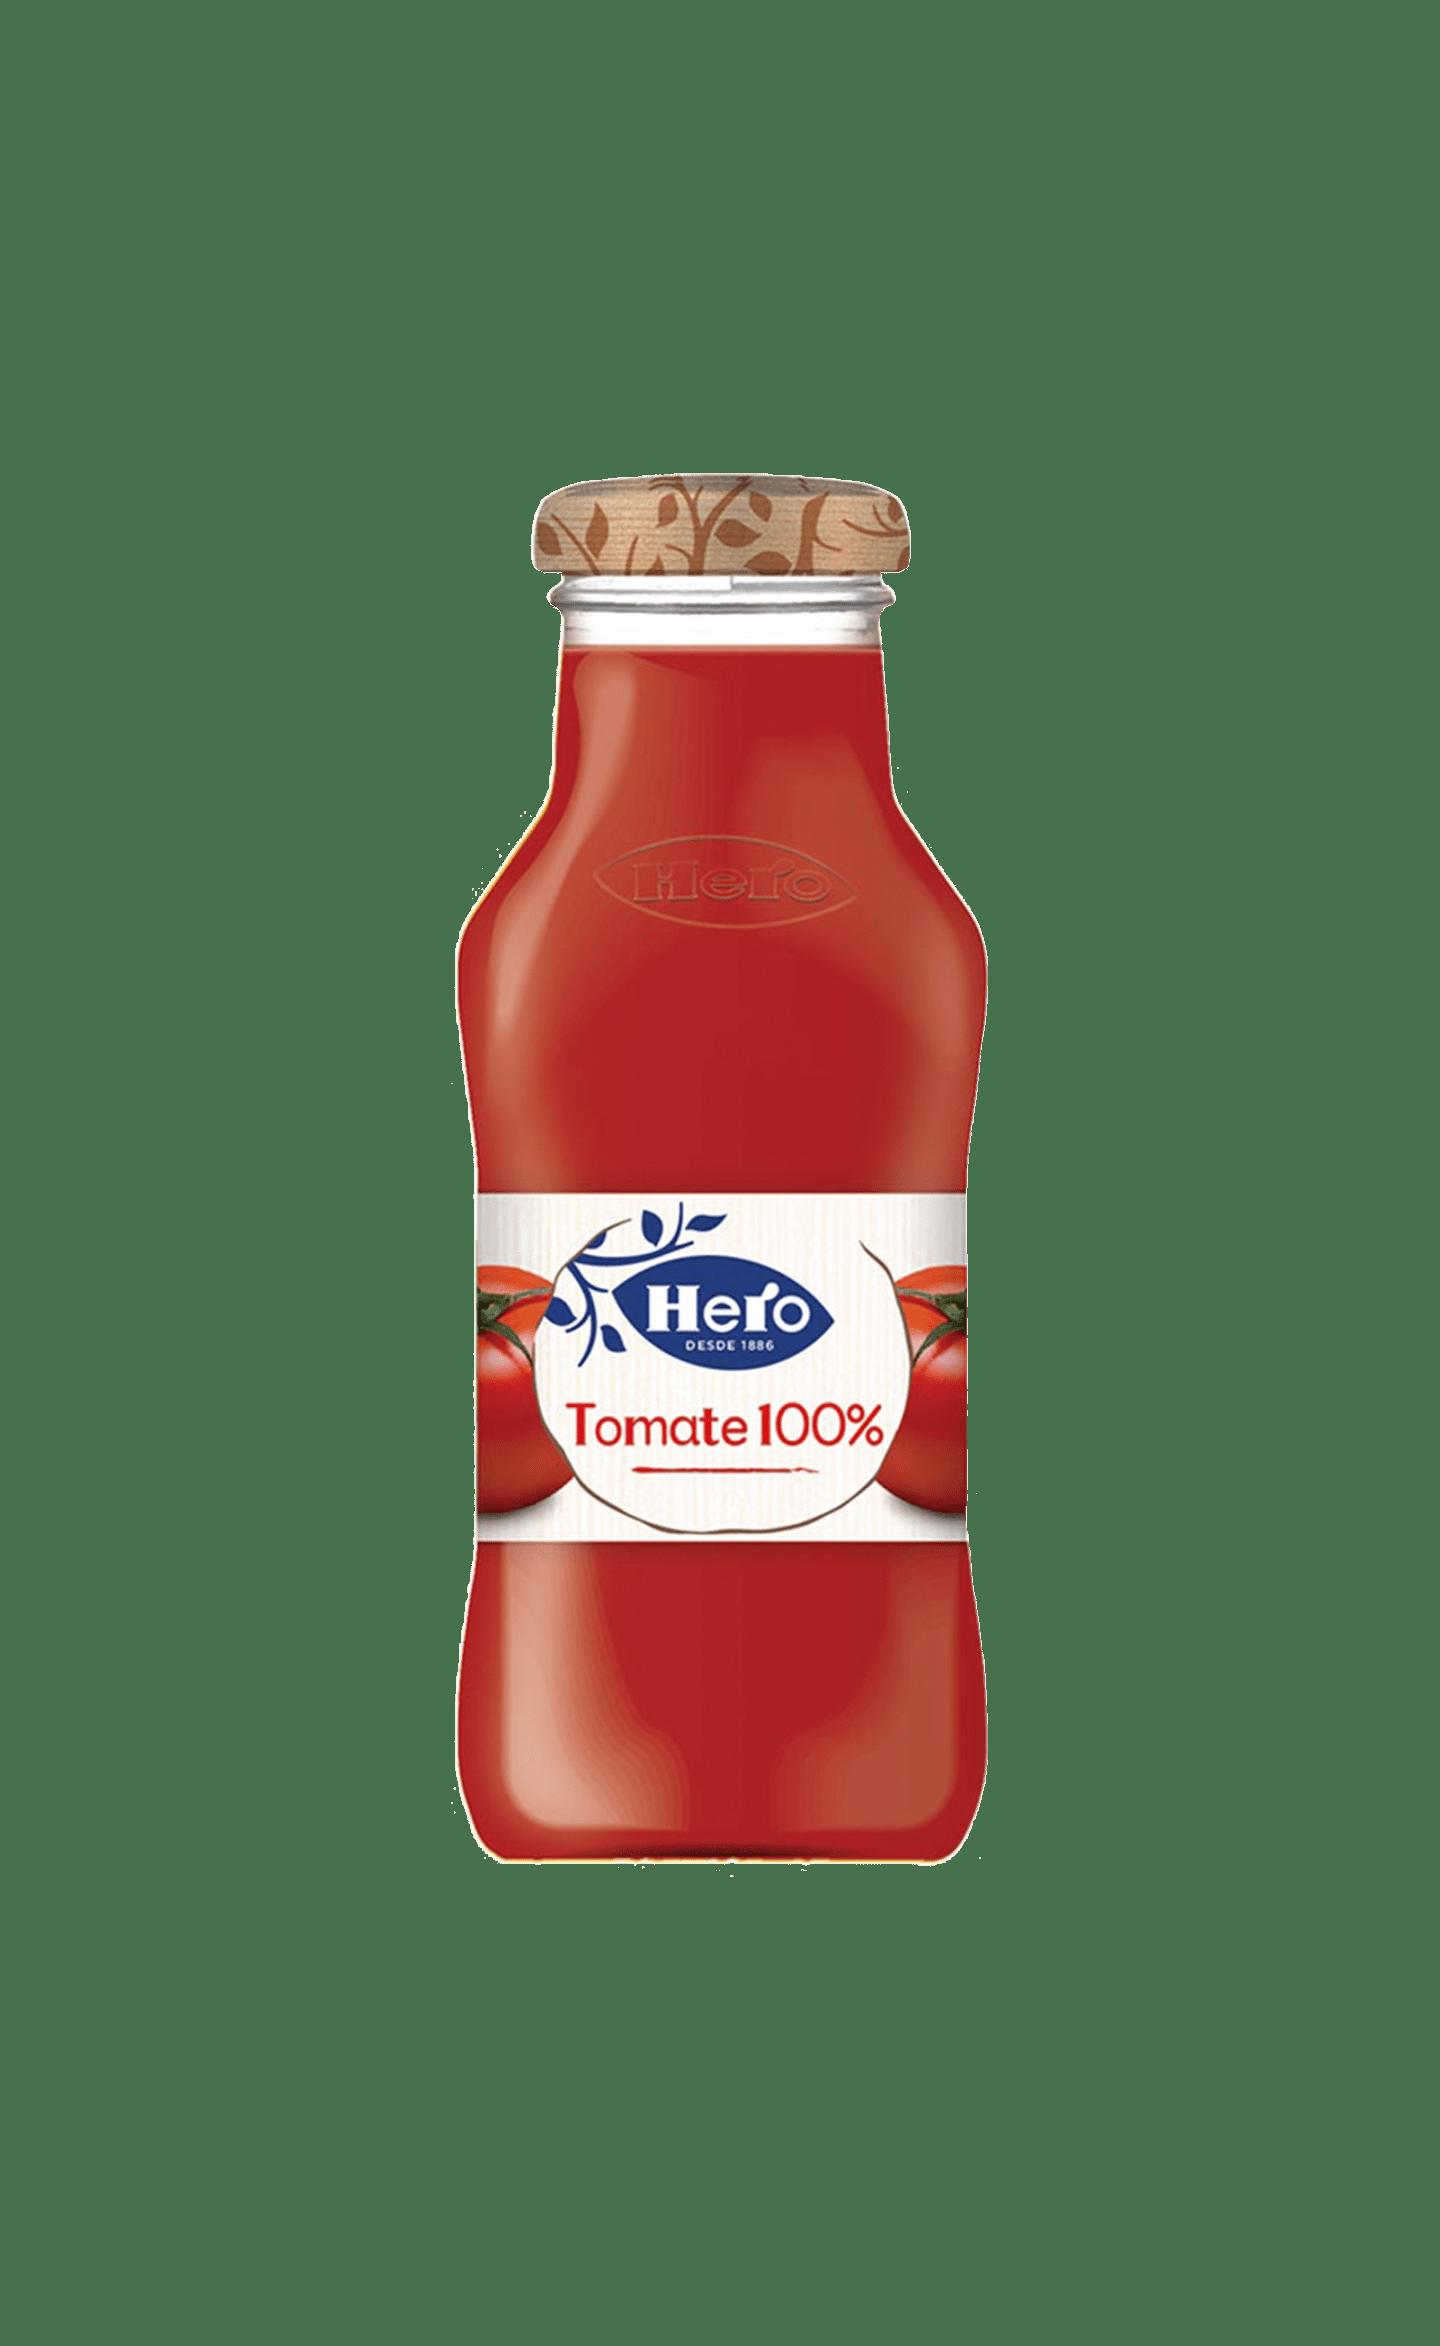 Zumo de tomate 100%